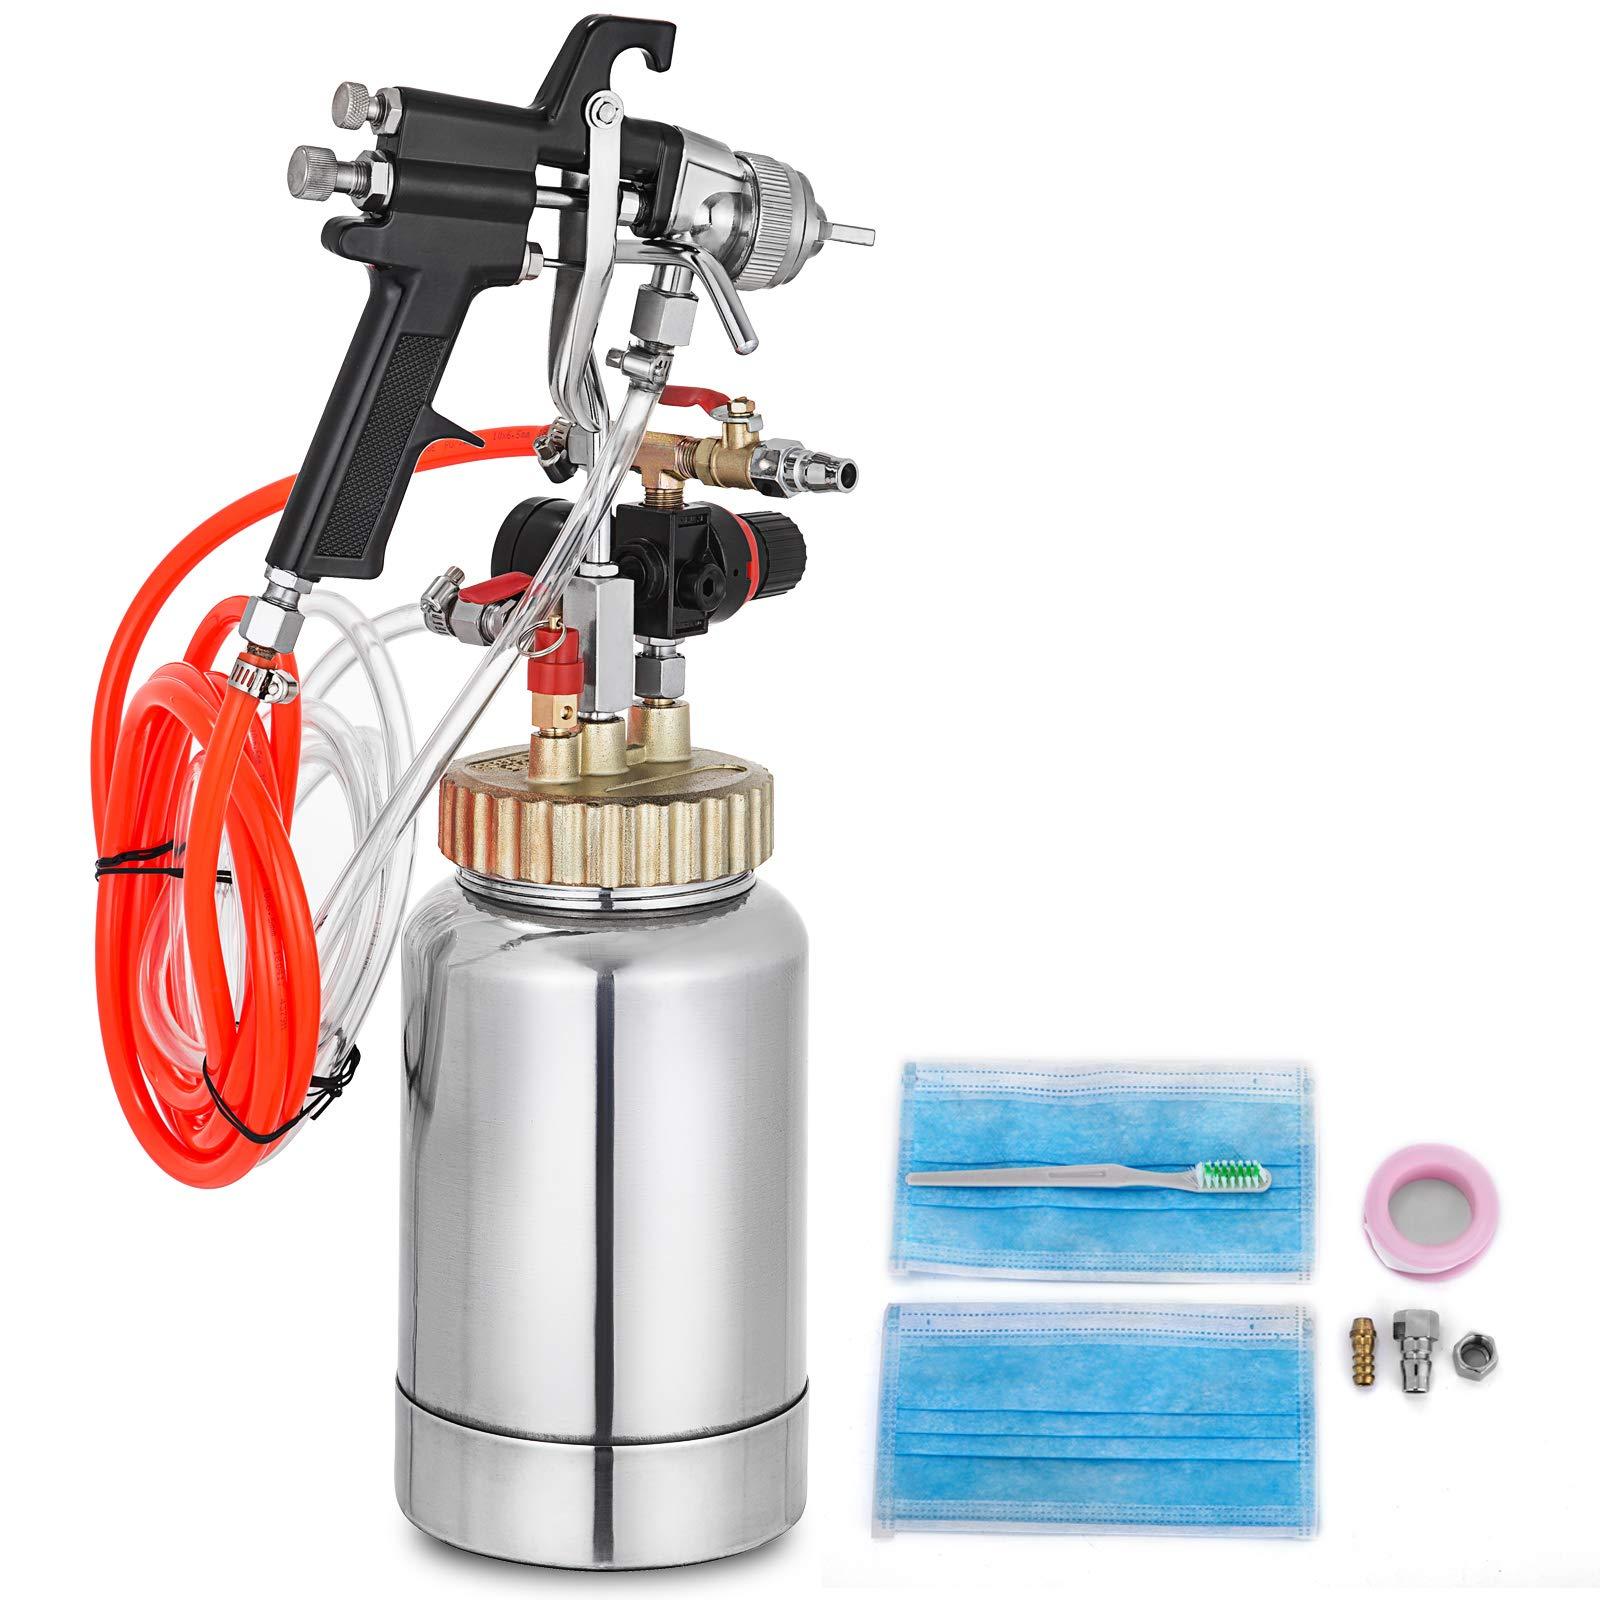 VEVOR Pressure Pot Tank 2L / 2 Quar Paint Pressure Pot 1.8mm Nozzle Paint Tank with Gun and Hose Paint and Body Spray Guns (2Qt 1.8mm)